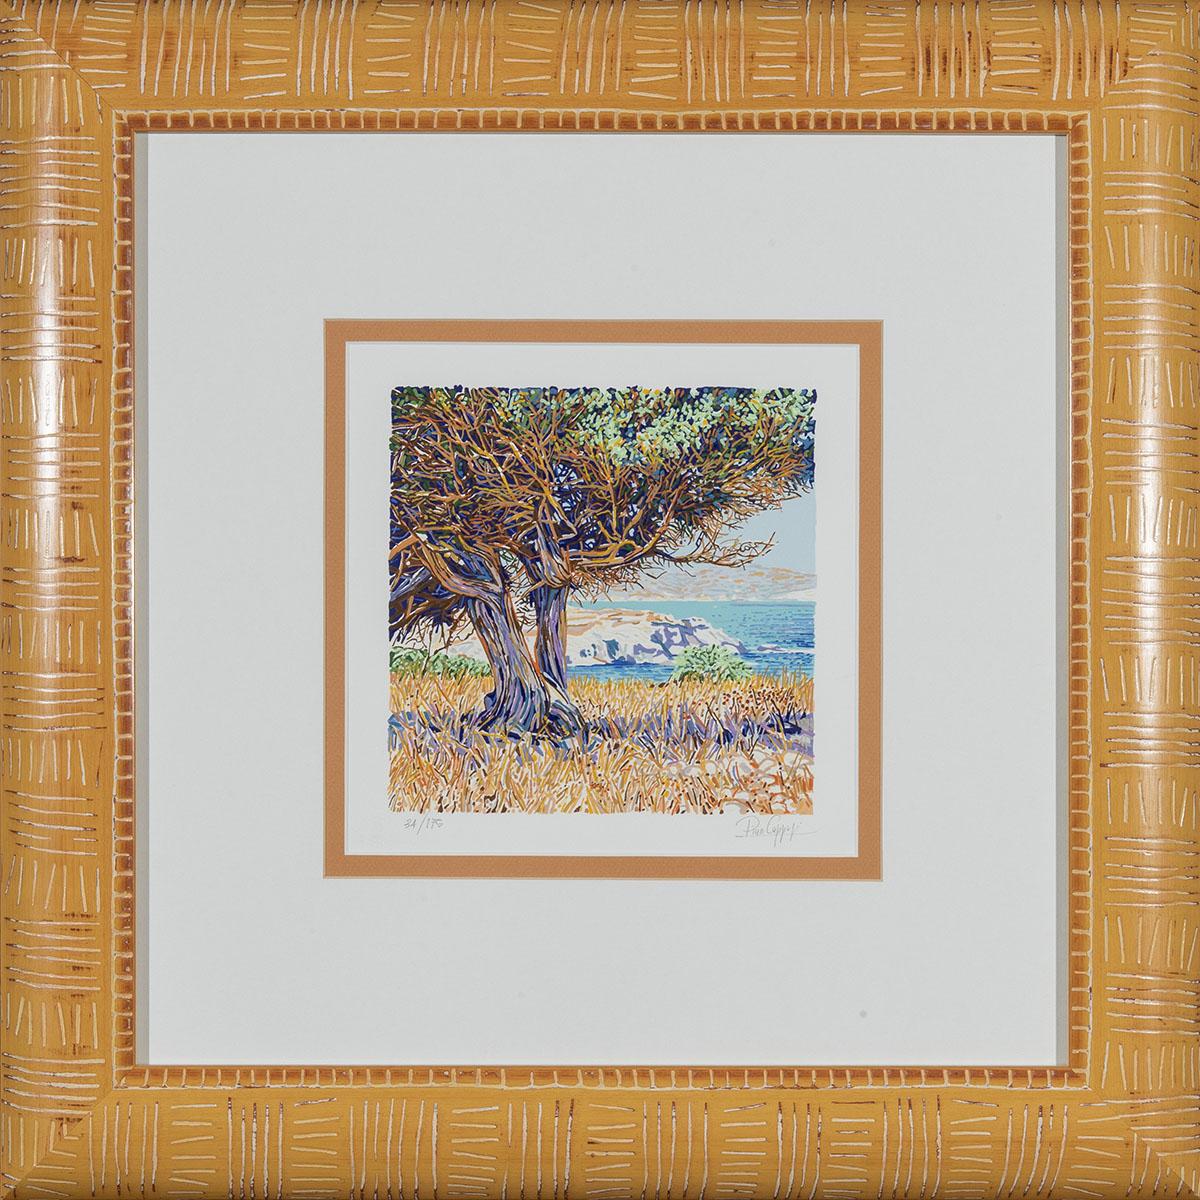 Pino Cappugi - Albero A Milos - Serigrafia Polimaterica 57x57cm